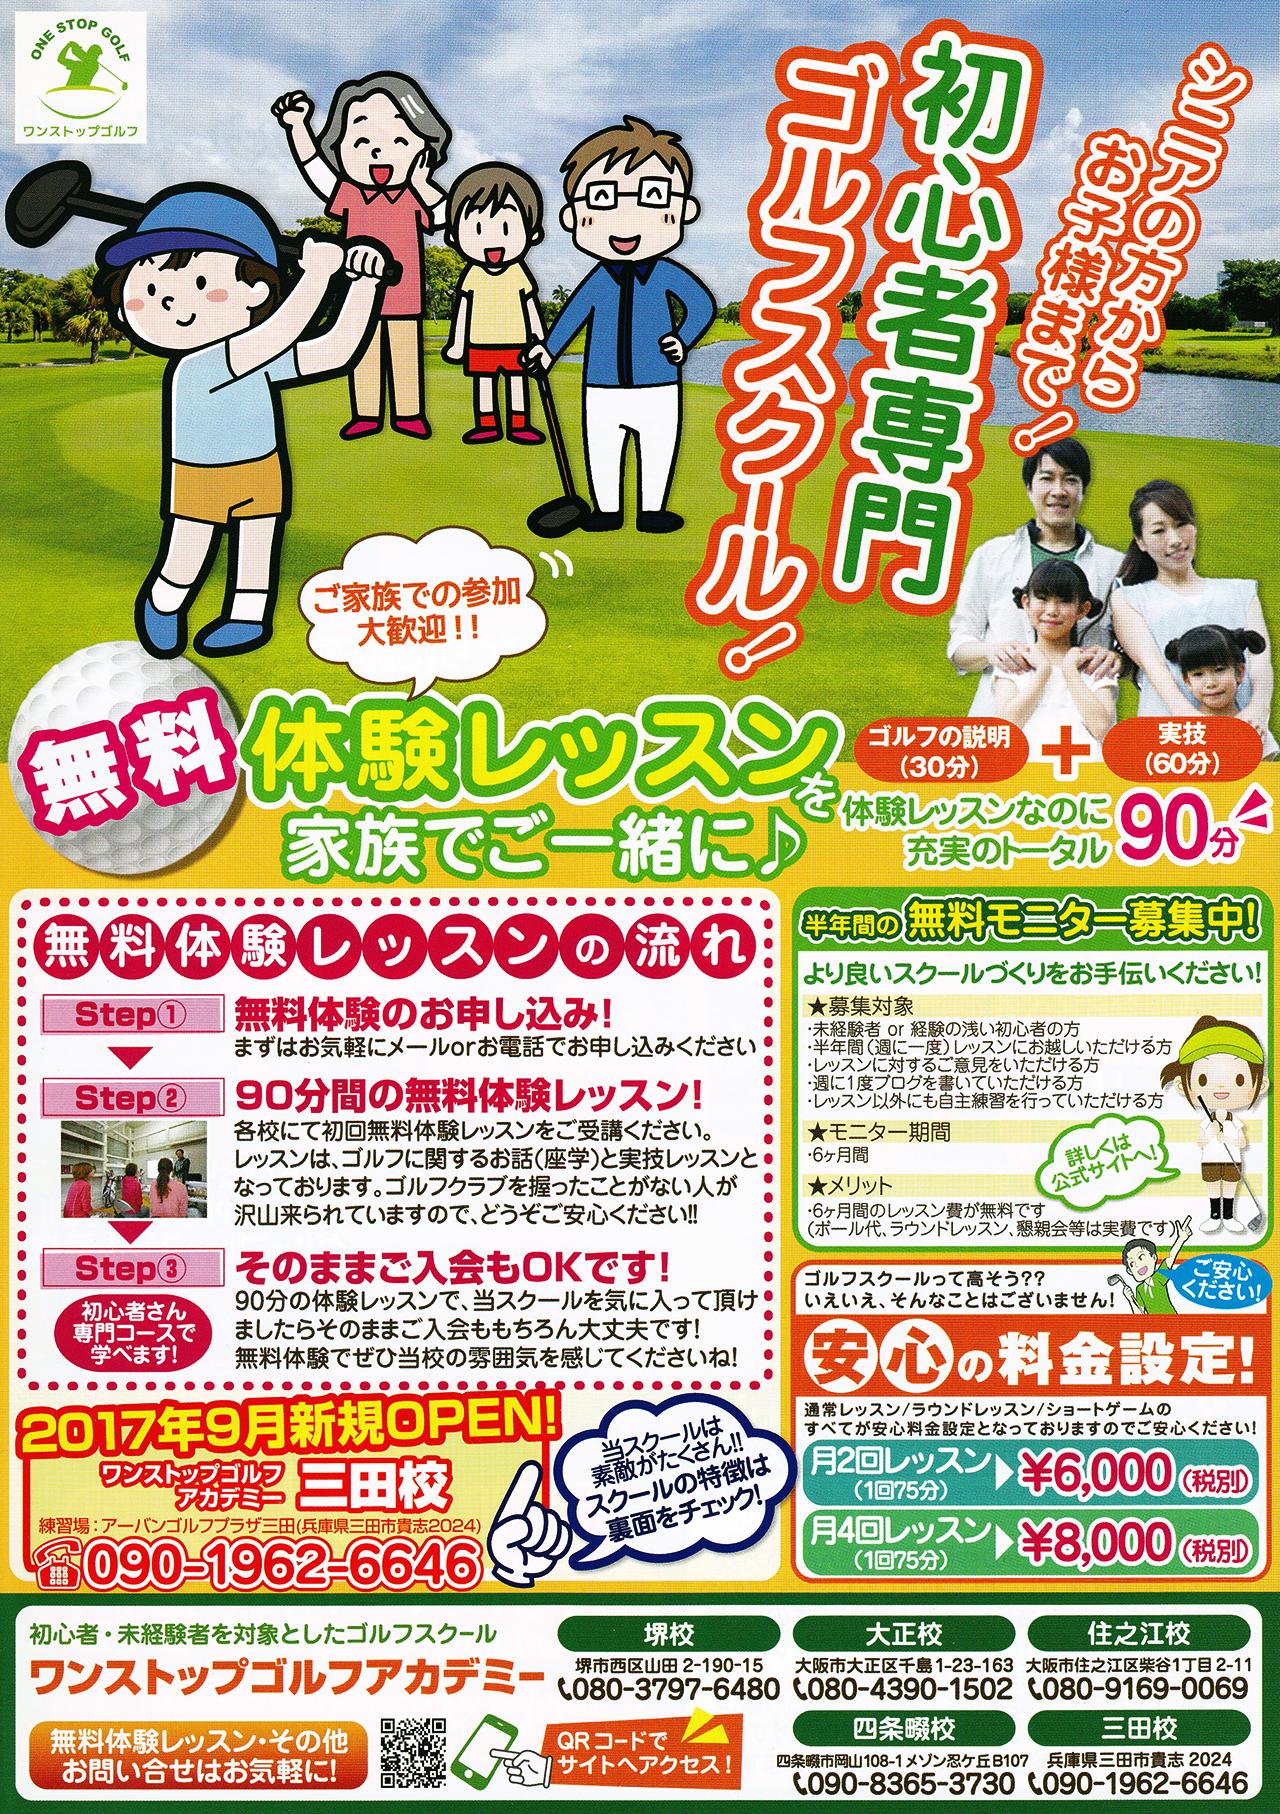 ワンストップゴルフアカデミー三田校のチラシ